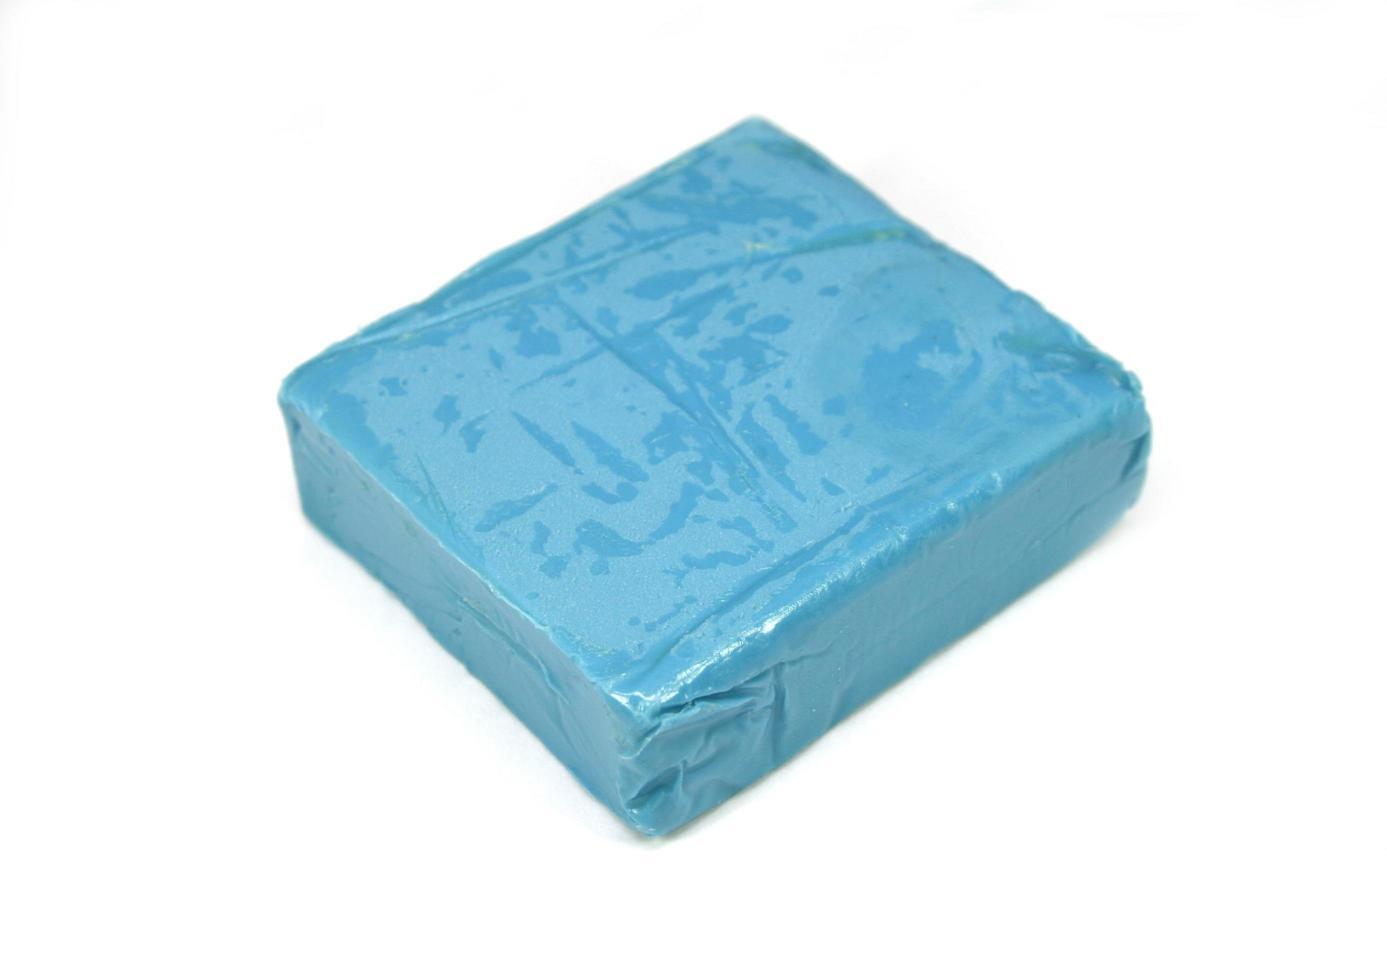 plastilina azul aislado en blanco foto